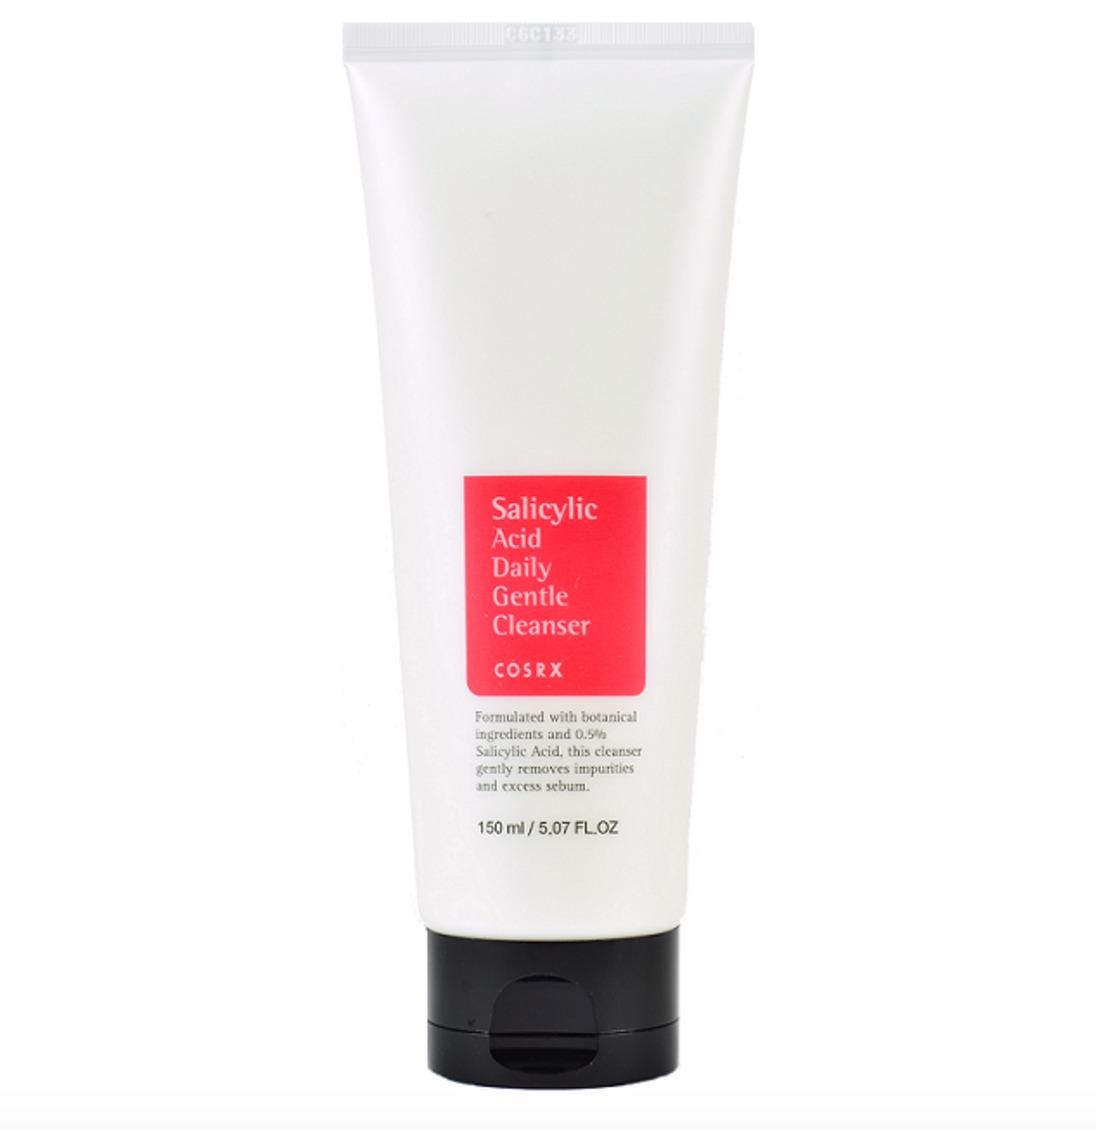 Salicylic acid facial wash